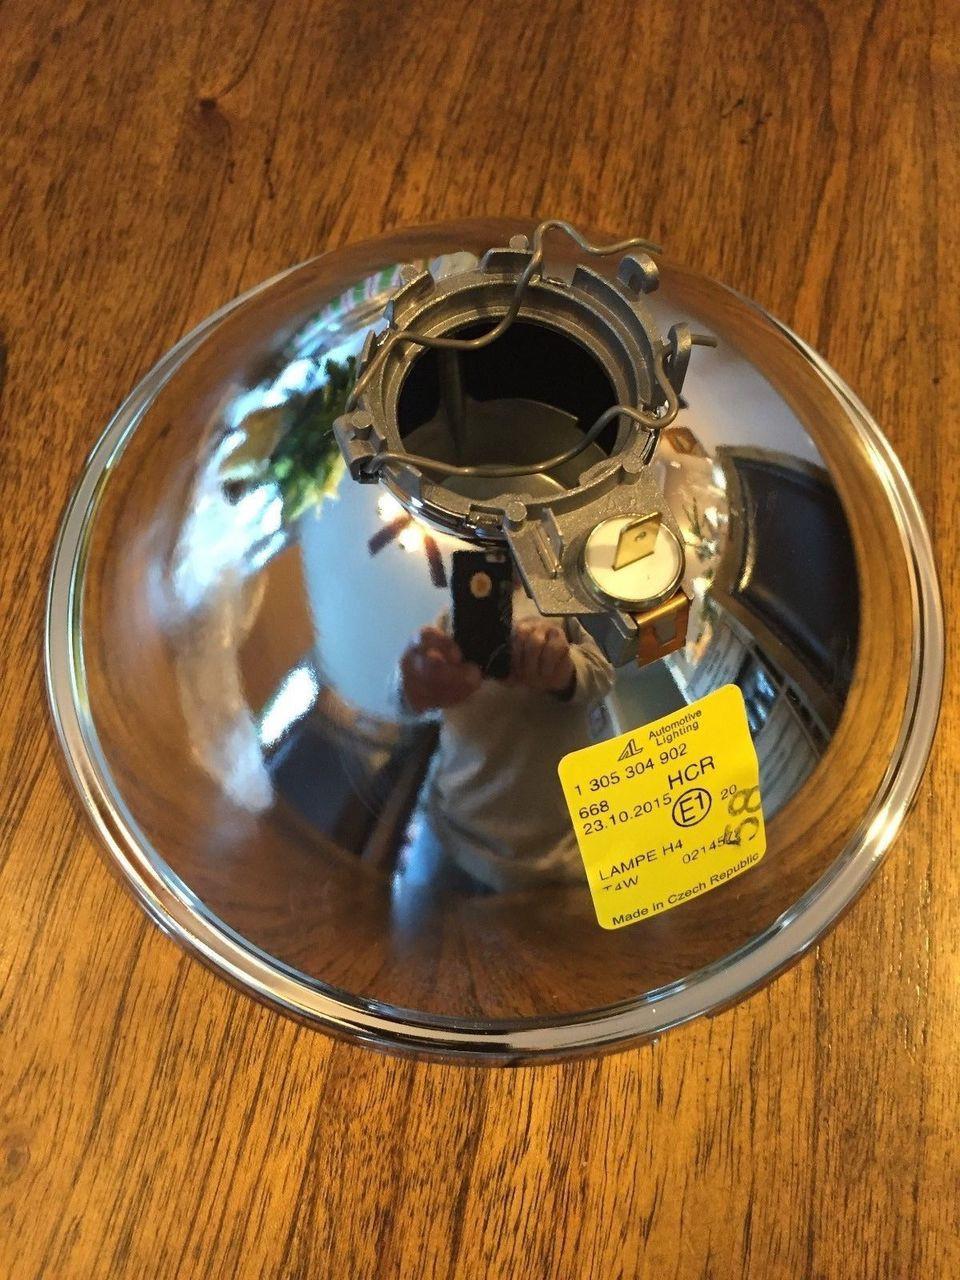 VINTAGE BMW NEW R60/6-R100, R65 HEAD LIGHT REFLECTOR NEW - 63 12 1 355 396